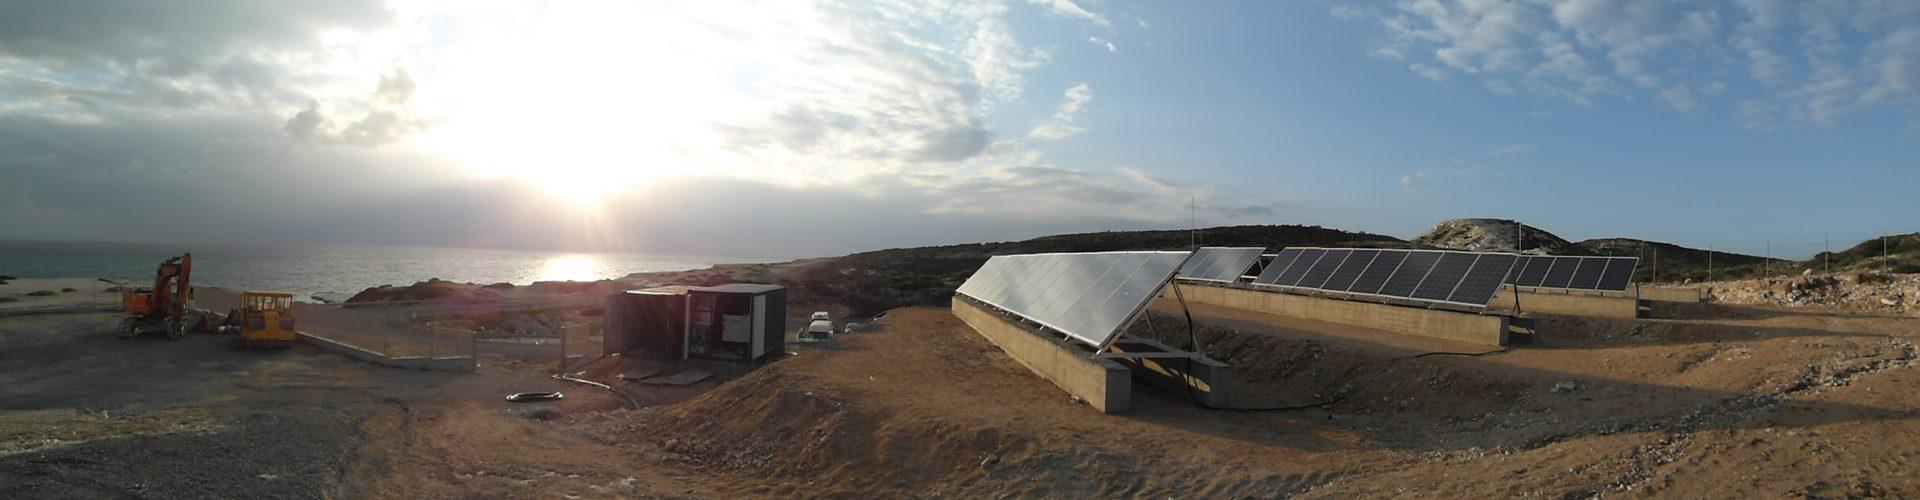 Innovative methods for solar water treatment | Innovation4E